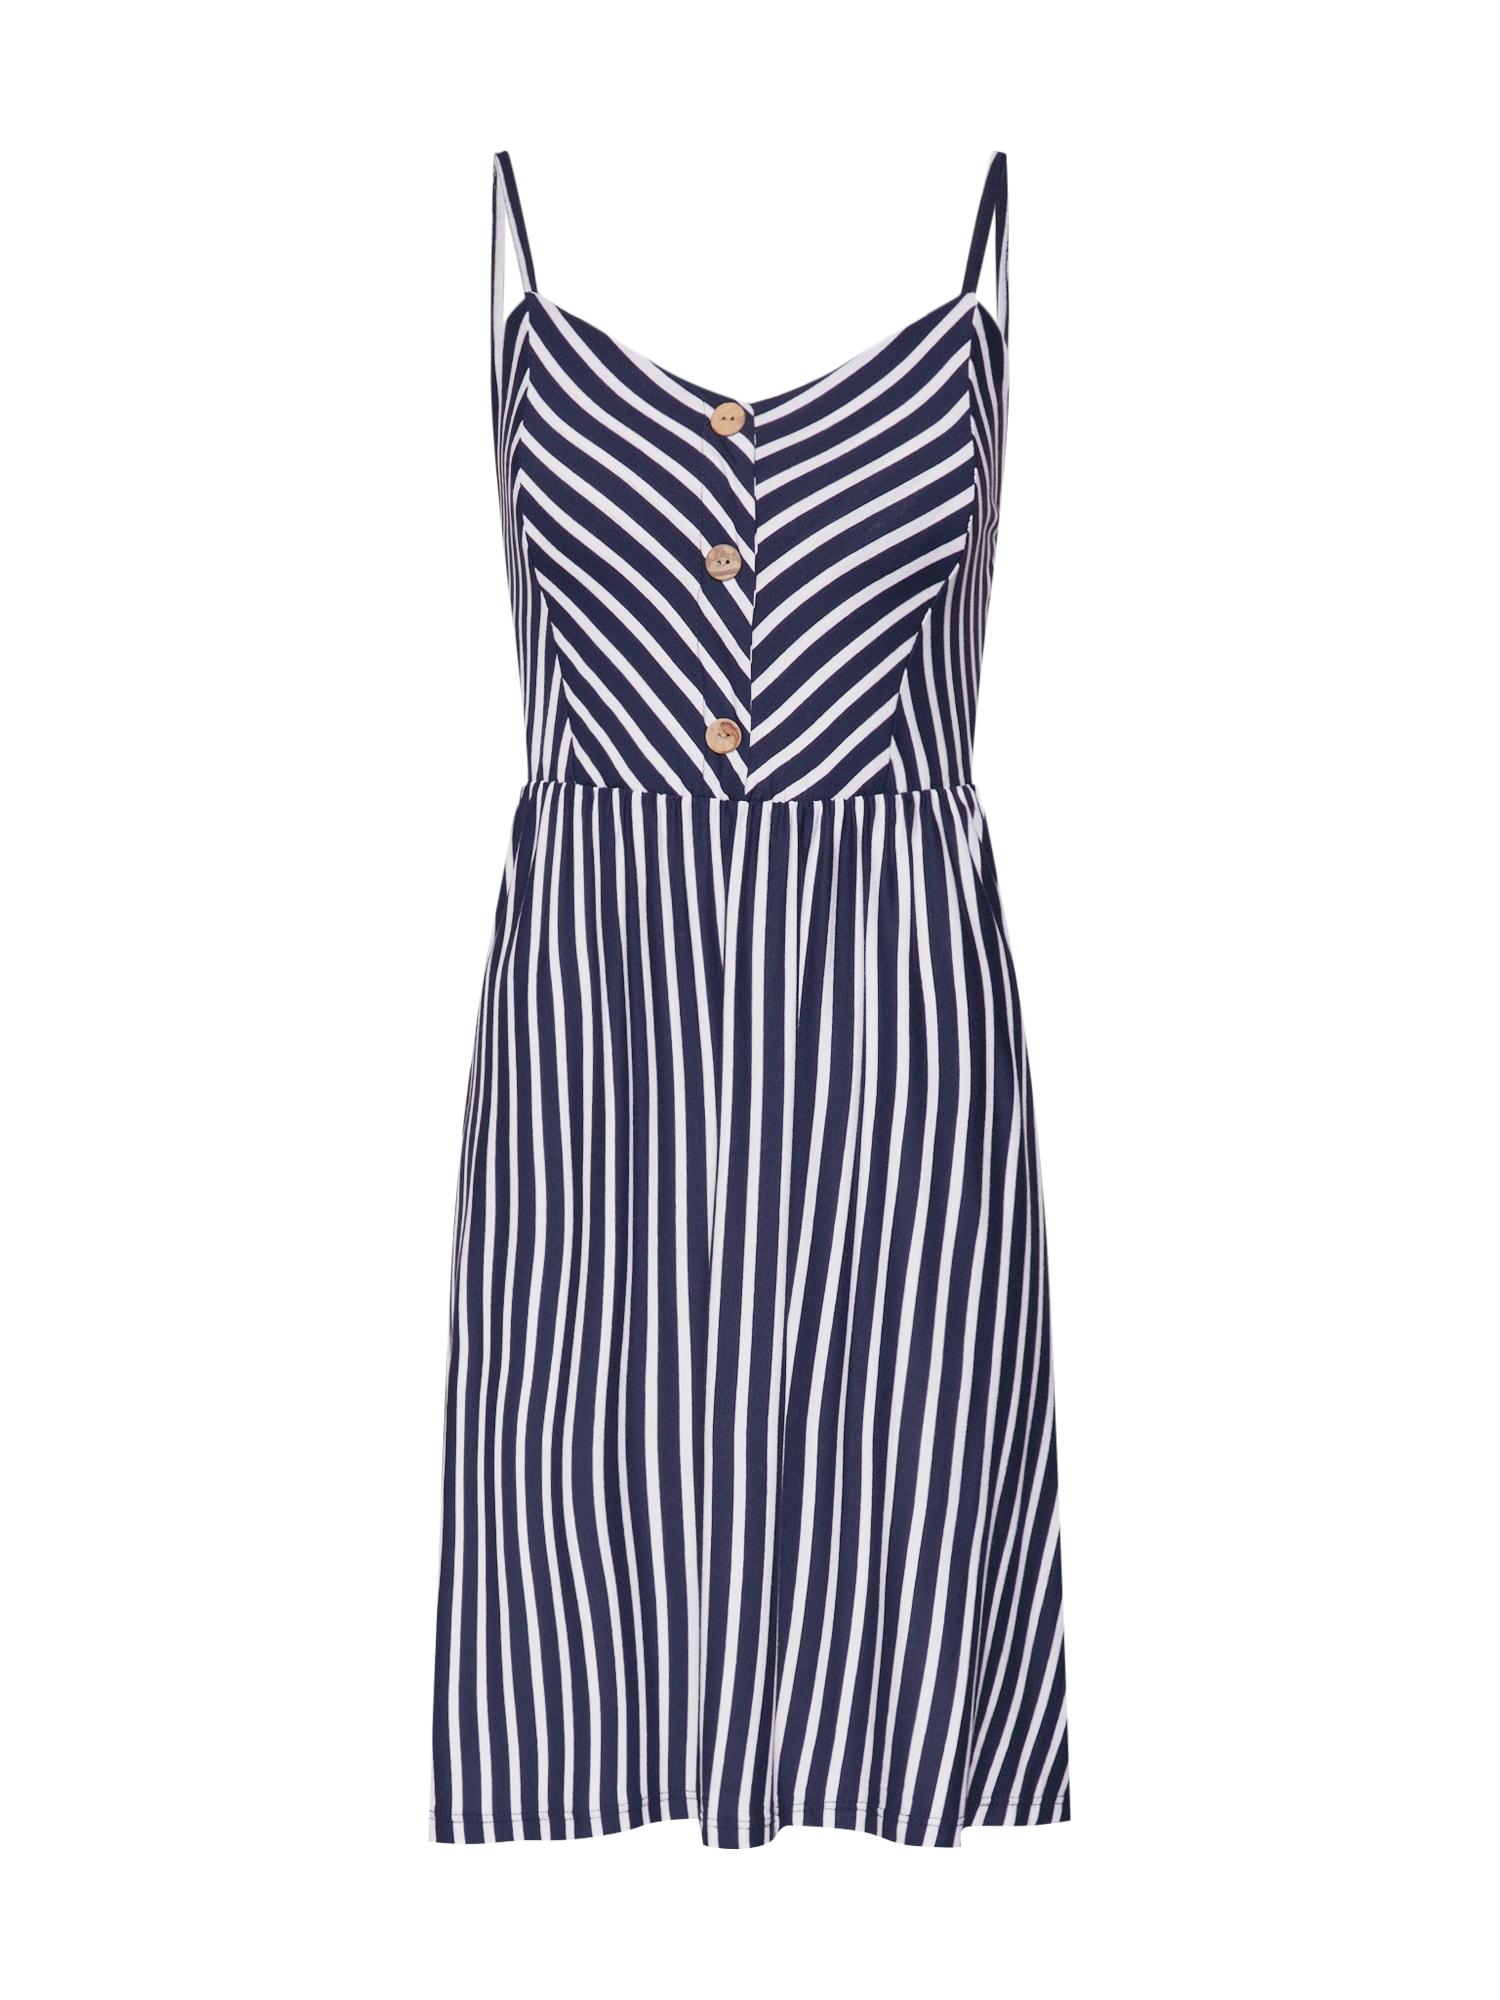 Letní šaty Marilyn námořnická modř bílá Hailys